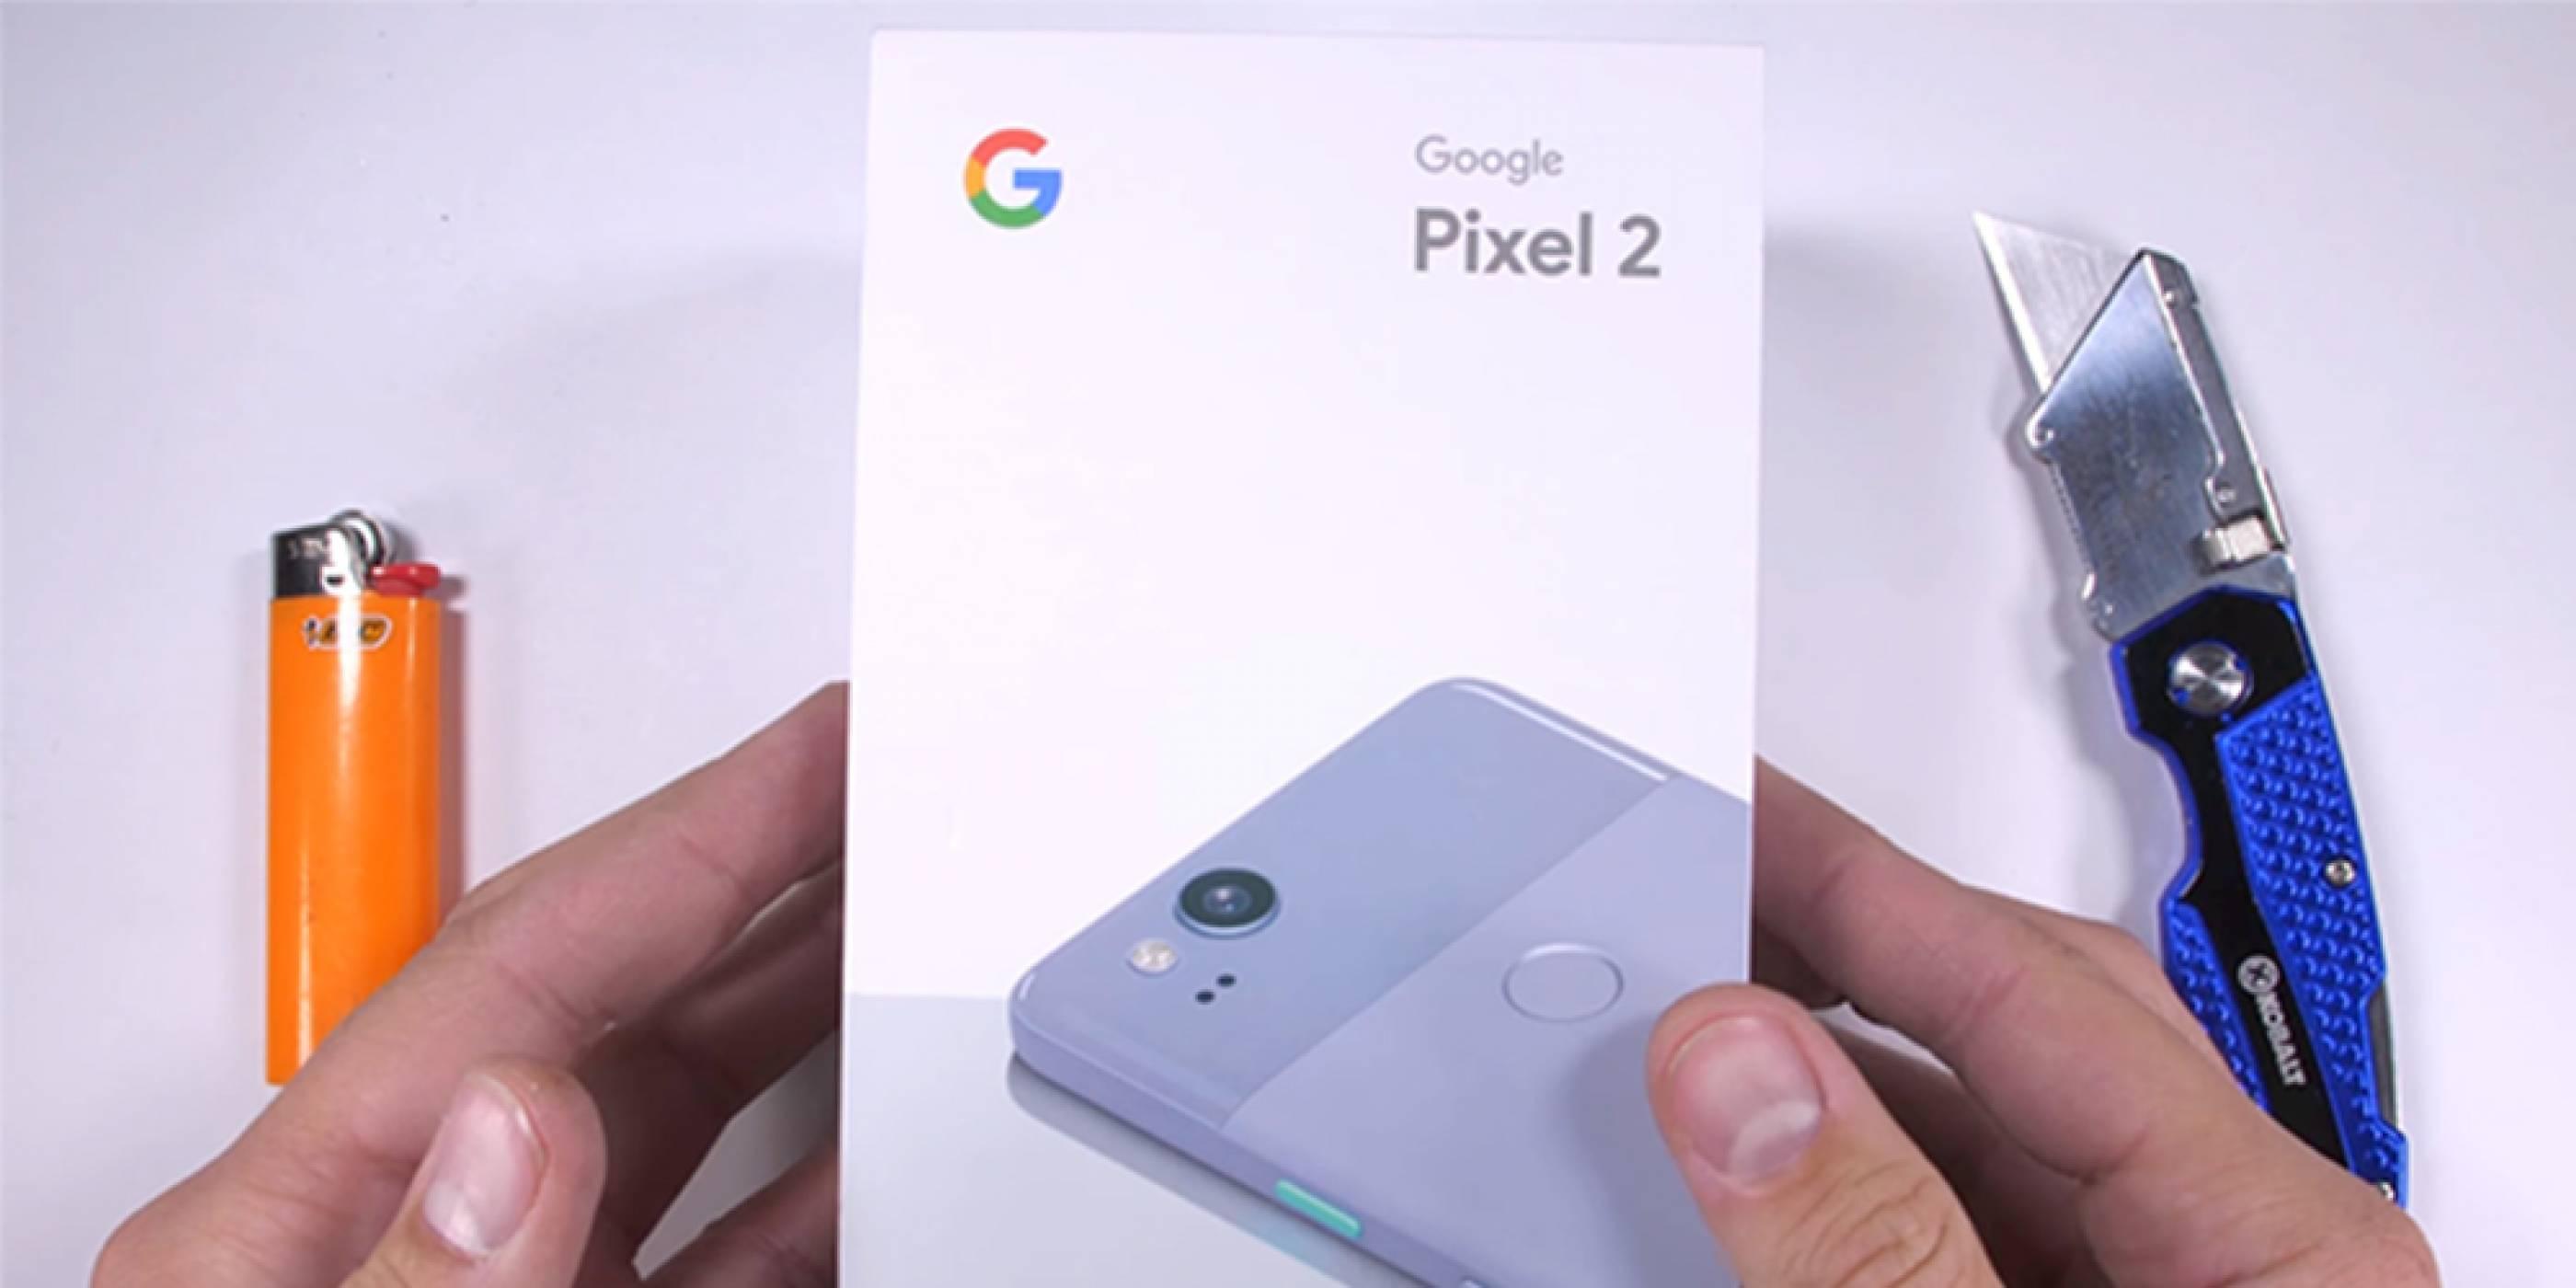 Google Pixel 2 претърпя едни от най-сериозните тестове за издръжливост